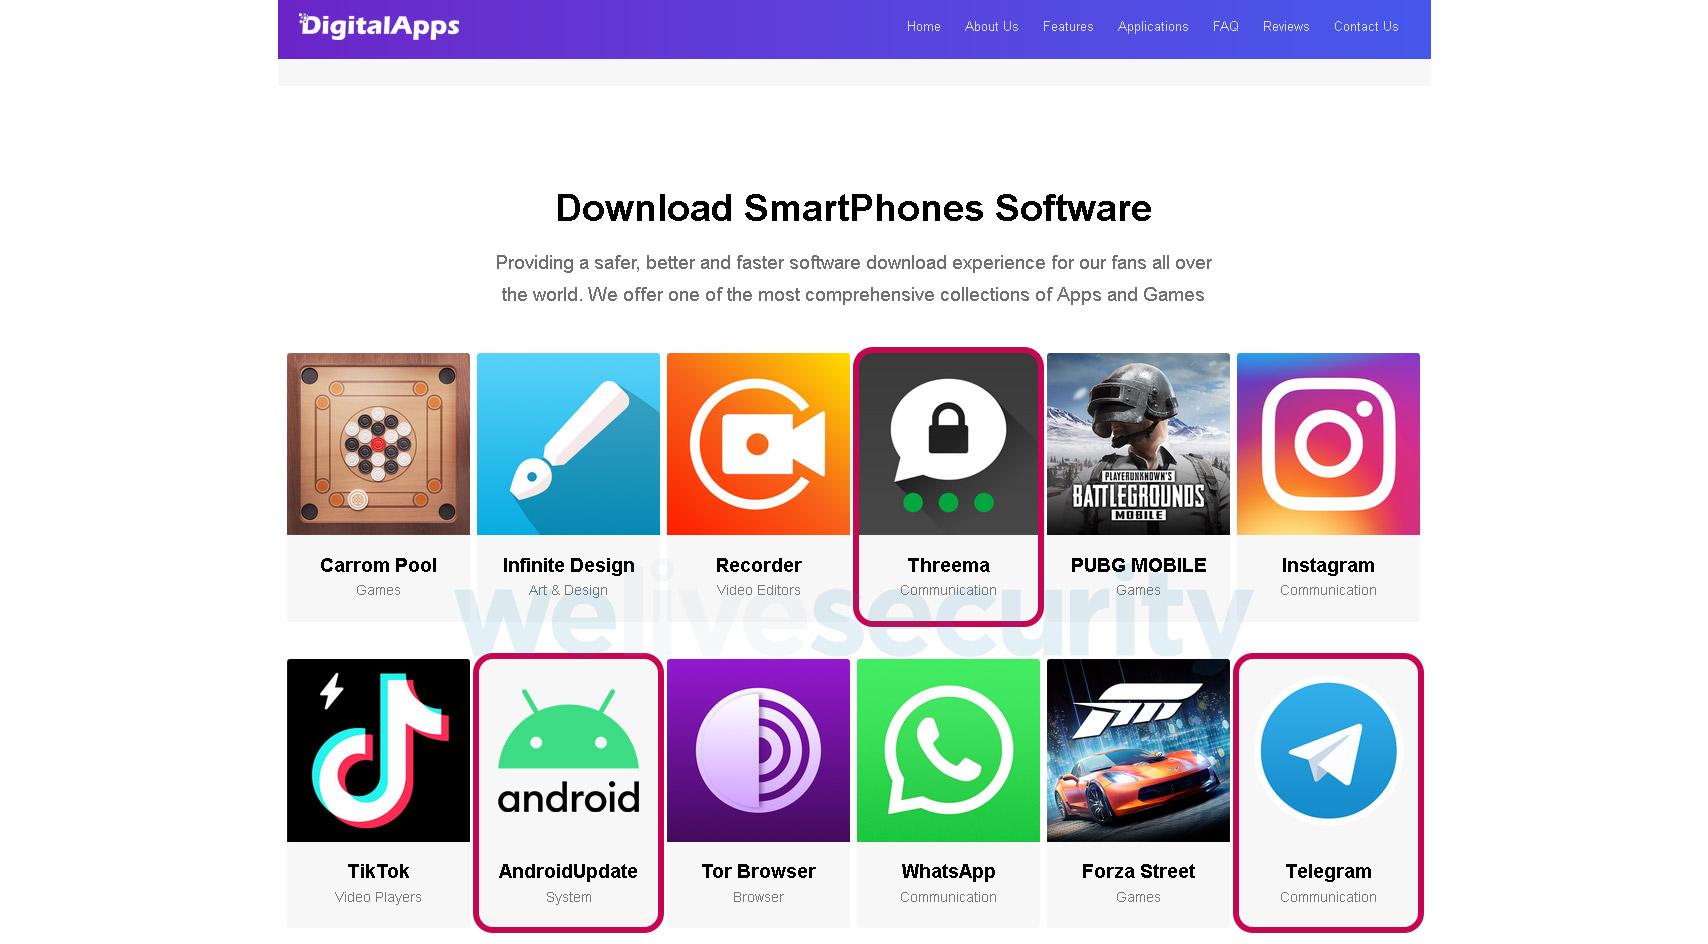 sklep z fałszywymi aplikacjami na androida